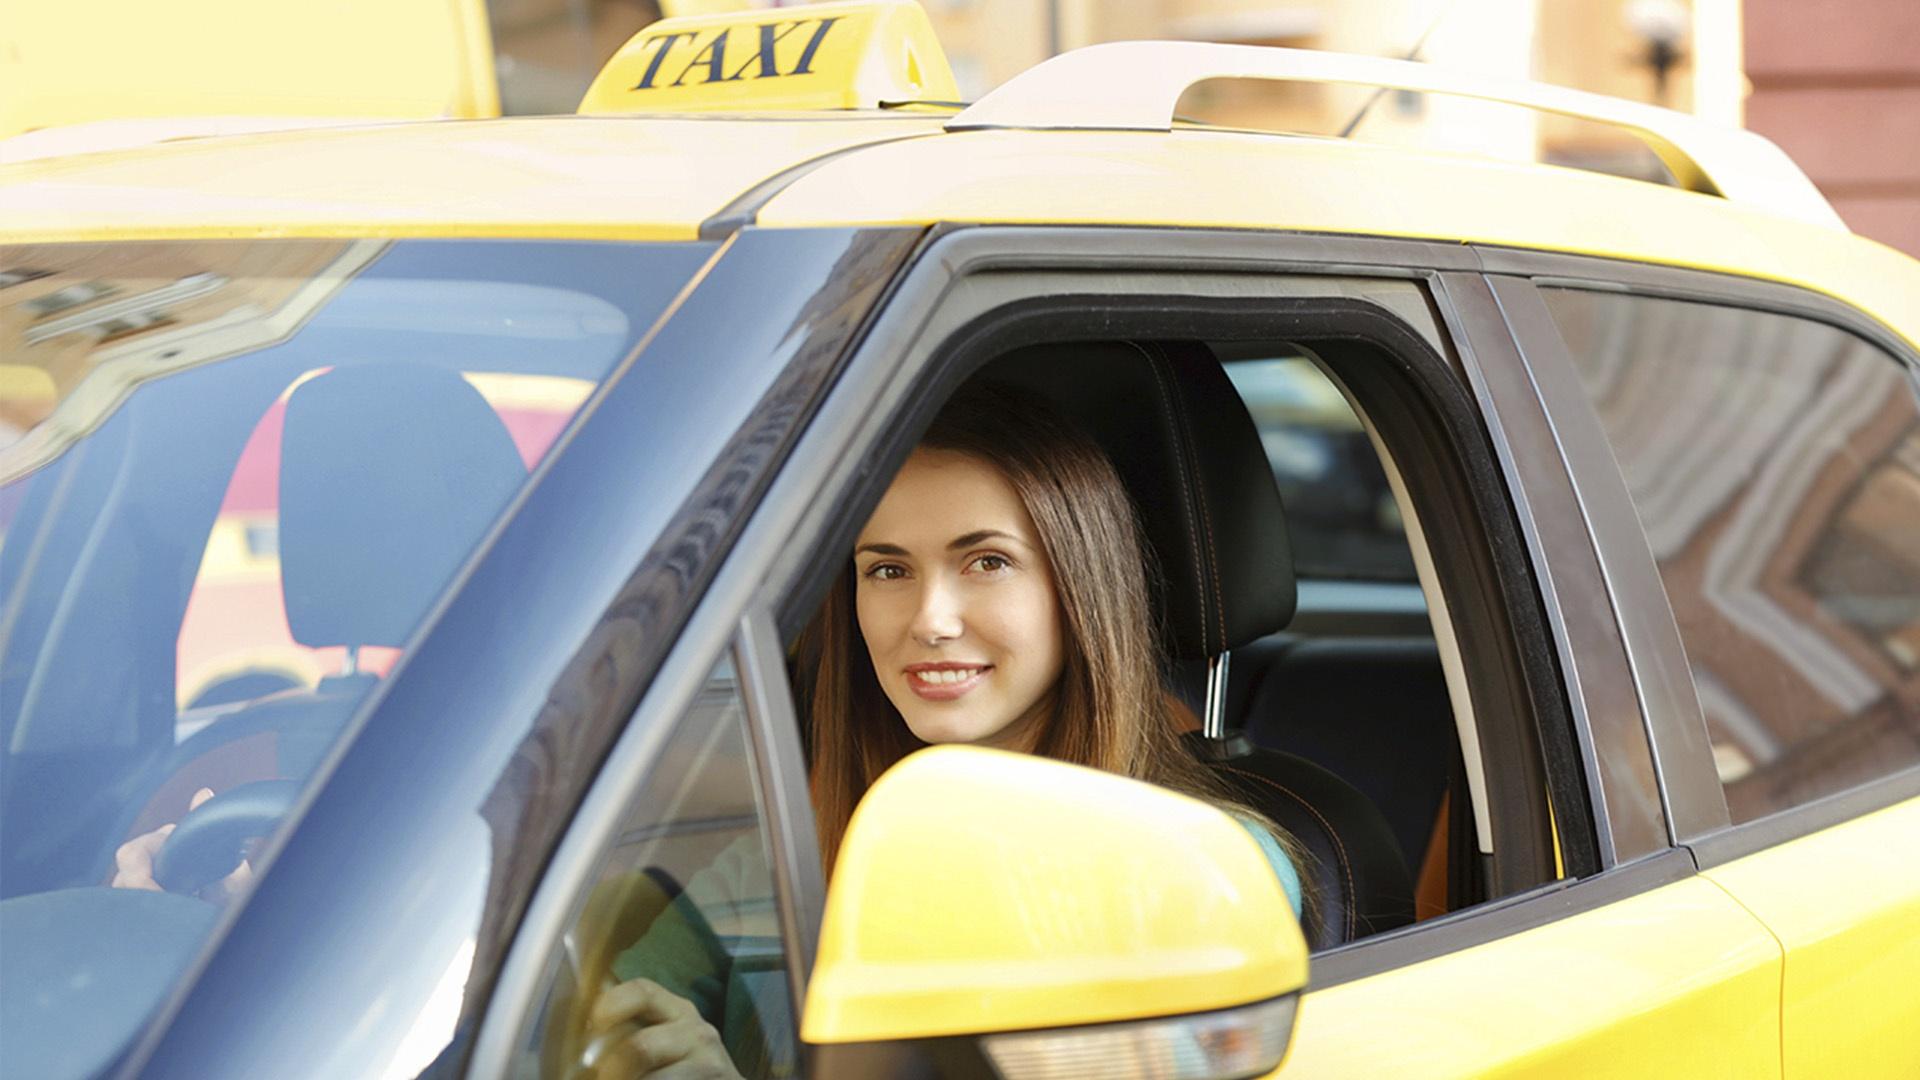 Во Владивостоке появилось такси только для женщин и детей